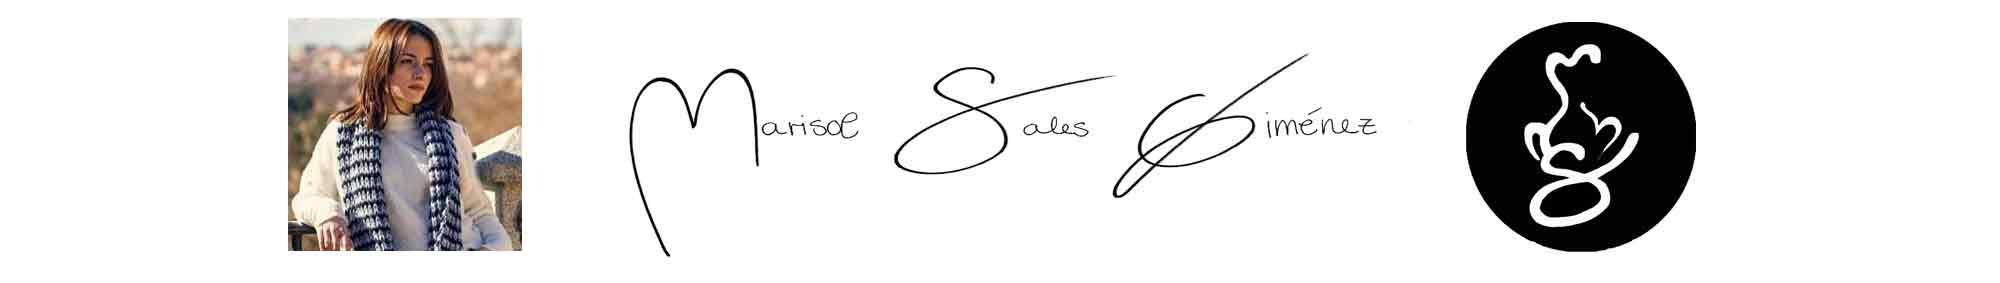 Marisol Sales Giménez - Web oficial